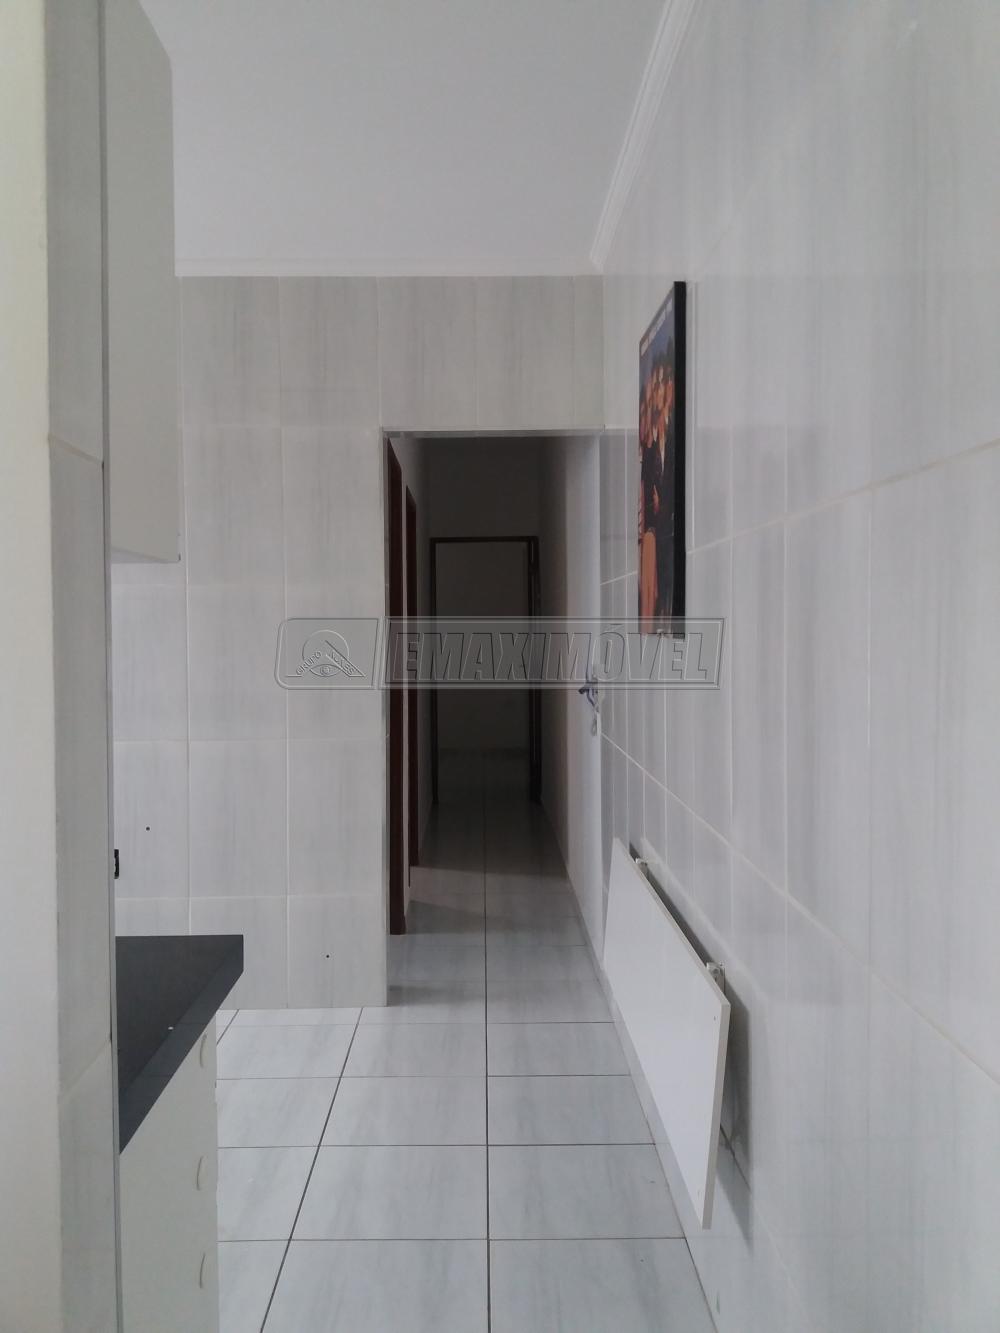 Comprar Casas / em Condomínios em Sorocaba apenas R$ 160.000,00 - Foto 7